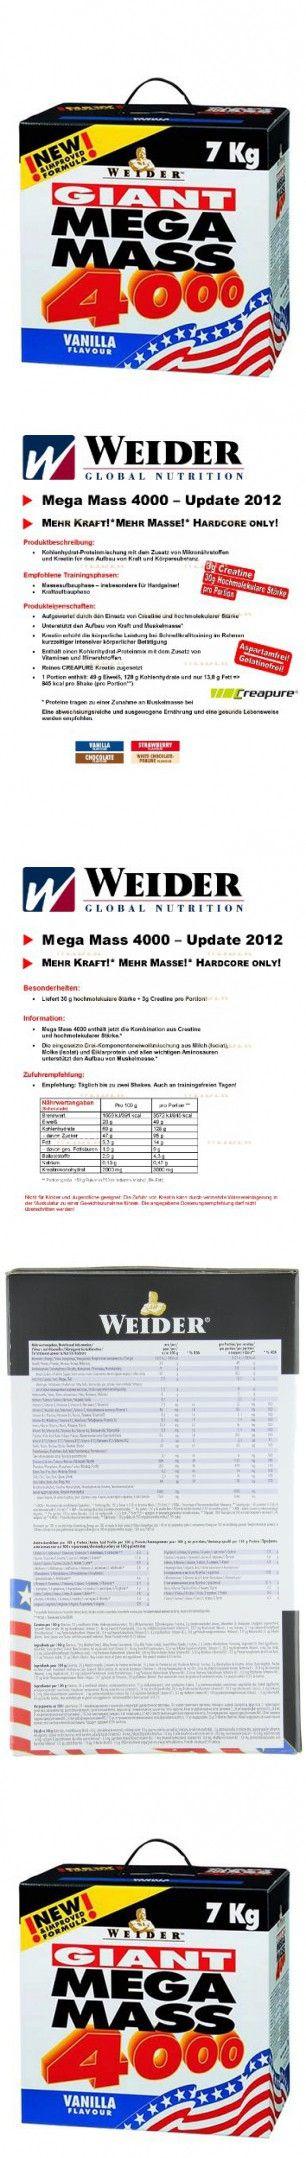 Weider Giant Mega Mass 4000 Giant Mega Mass 4000 Weight